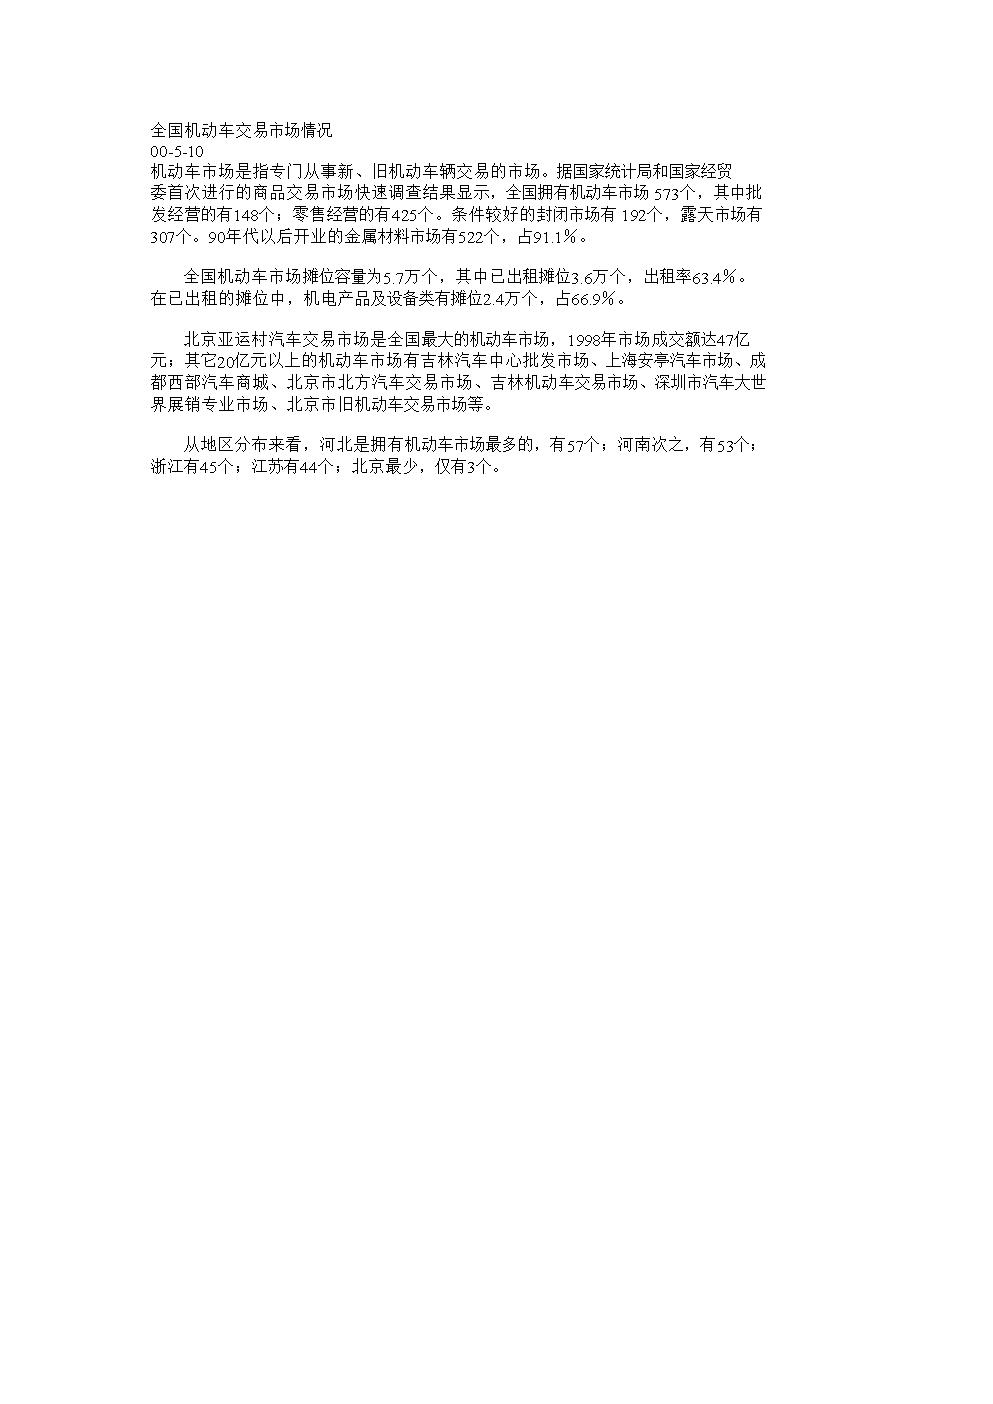 全国机动车交易市场情况.doc